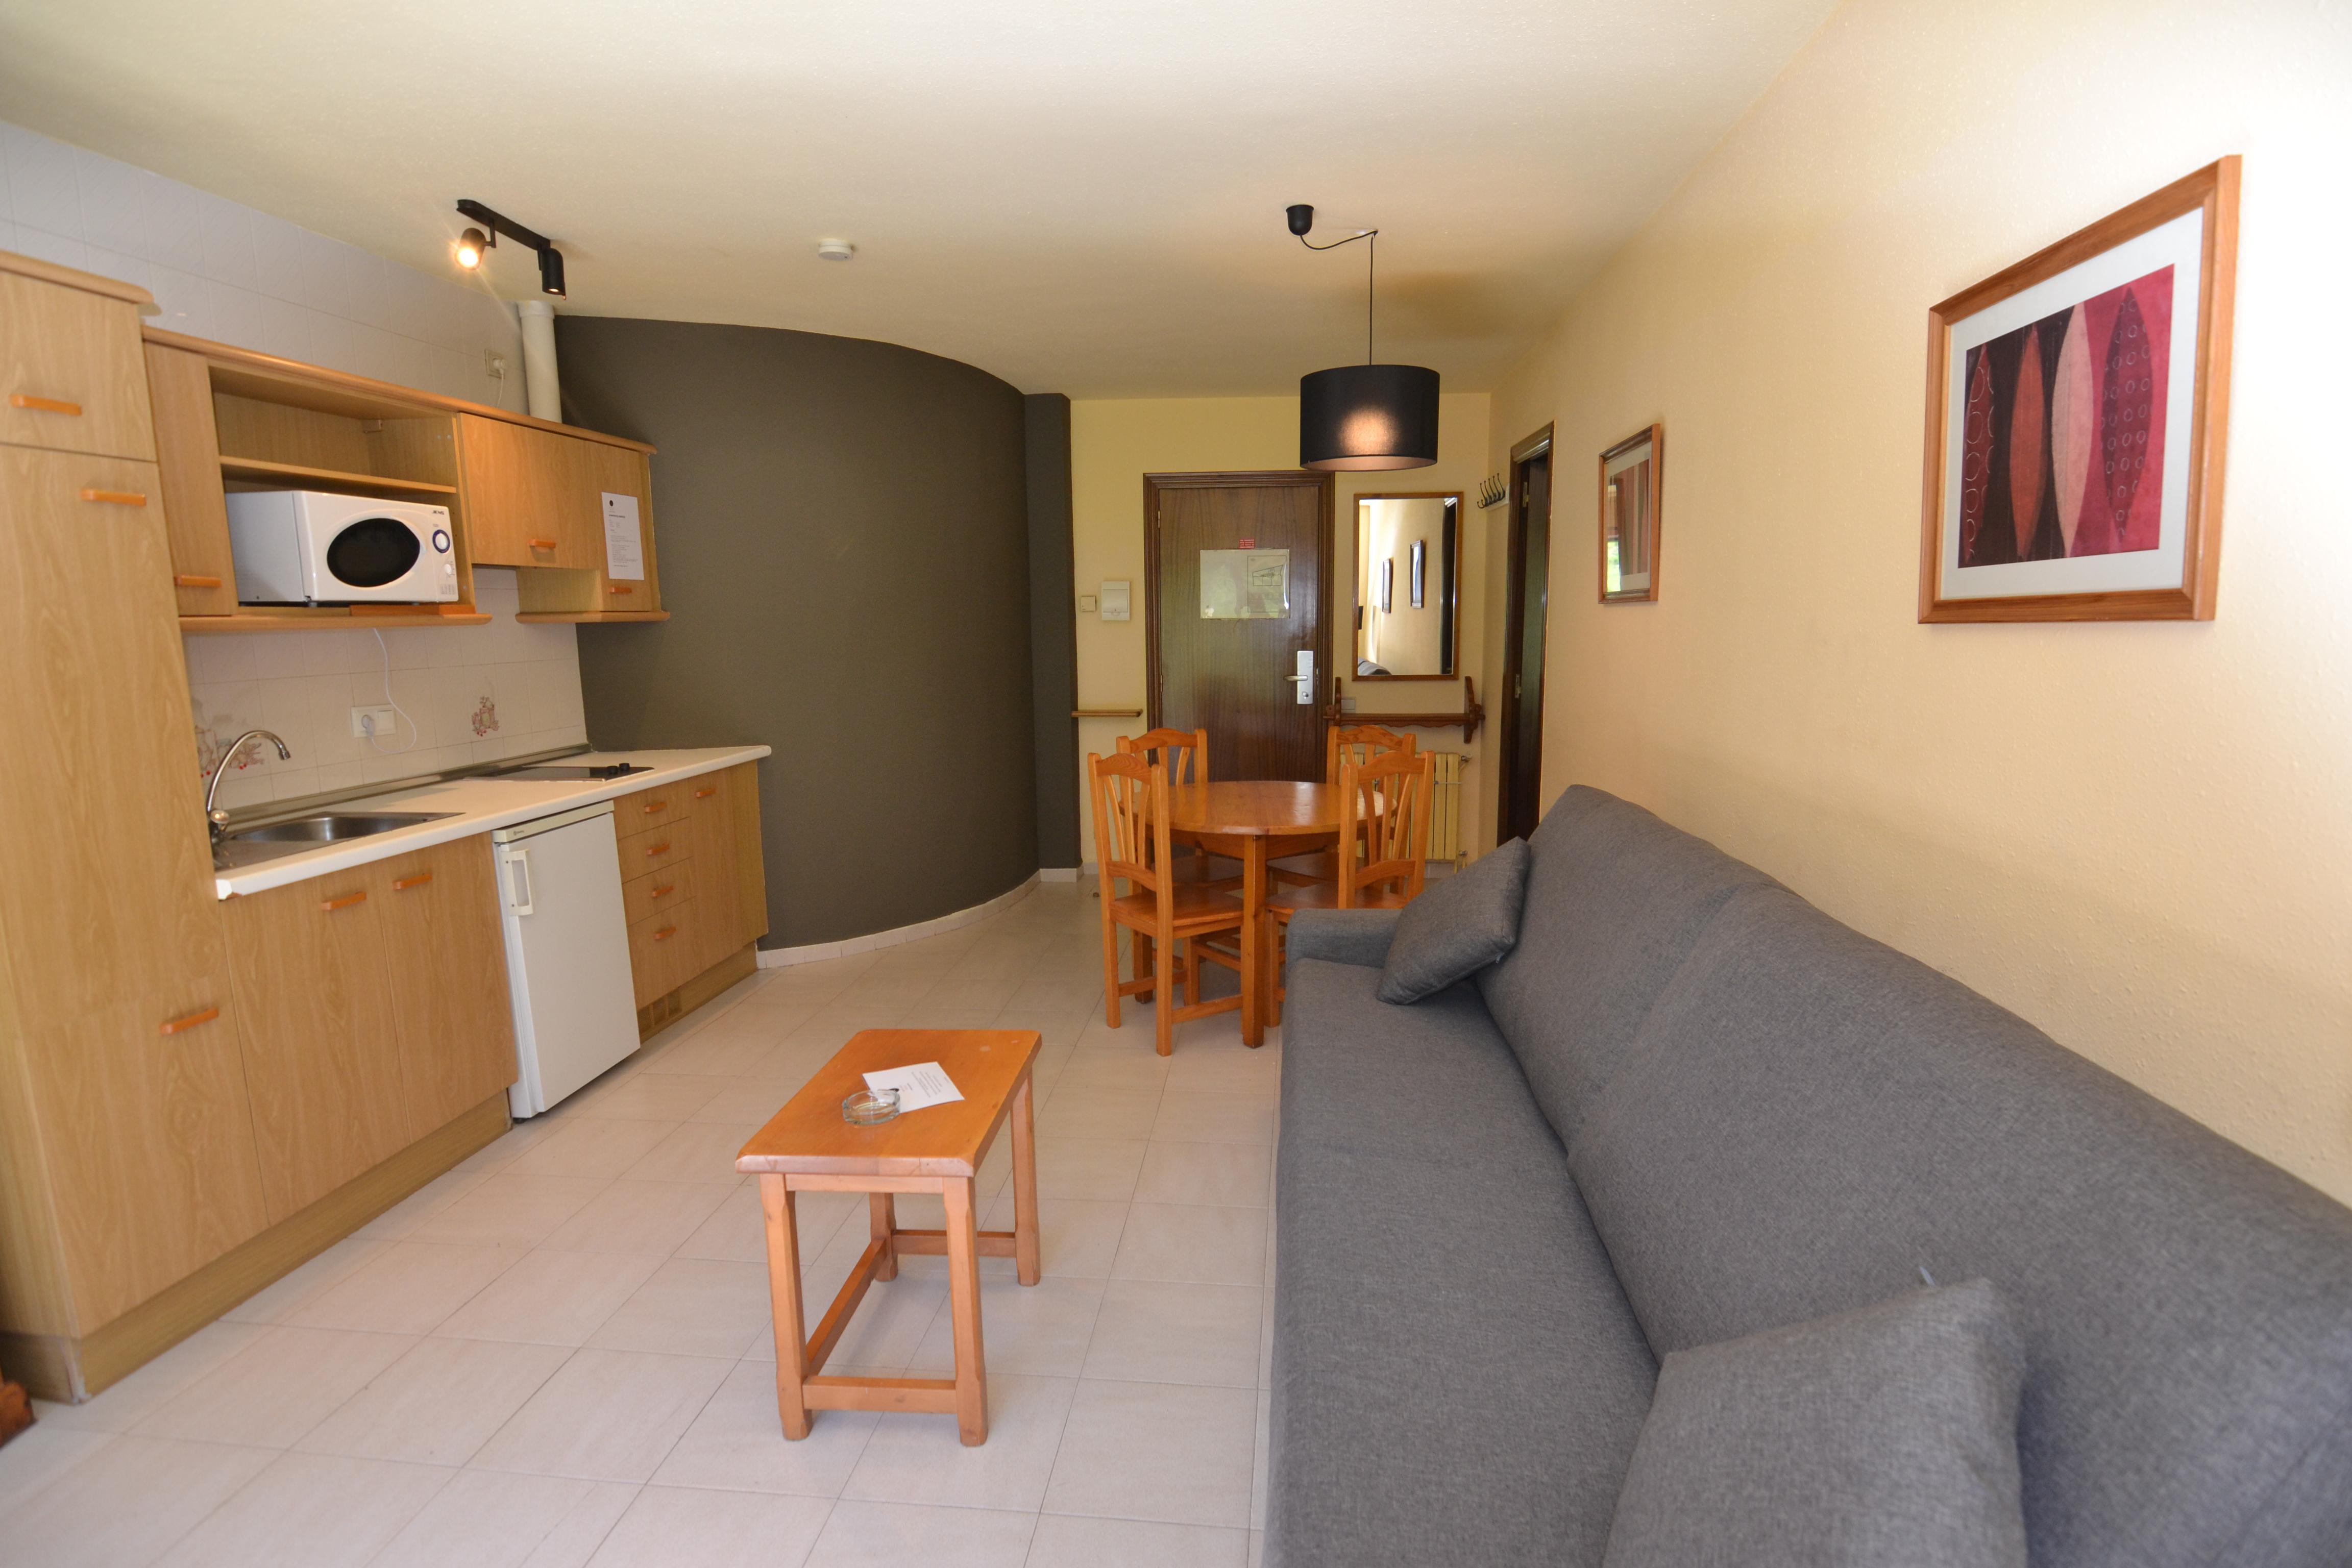 apartaments_poblado_arinsal_vallnord_4_personas9.jpg